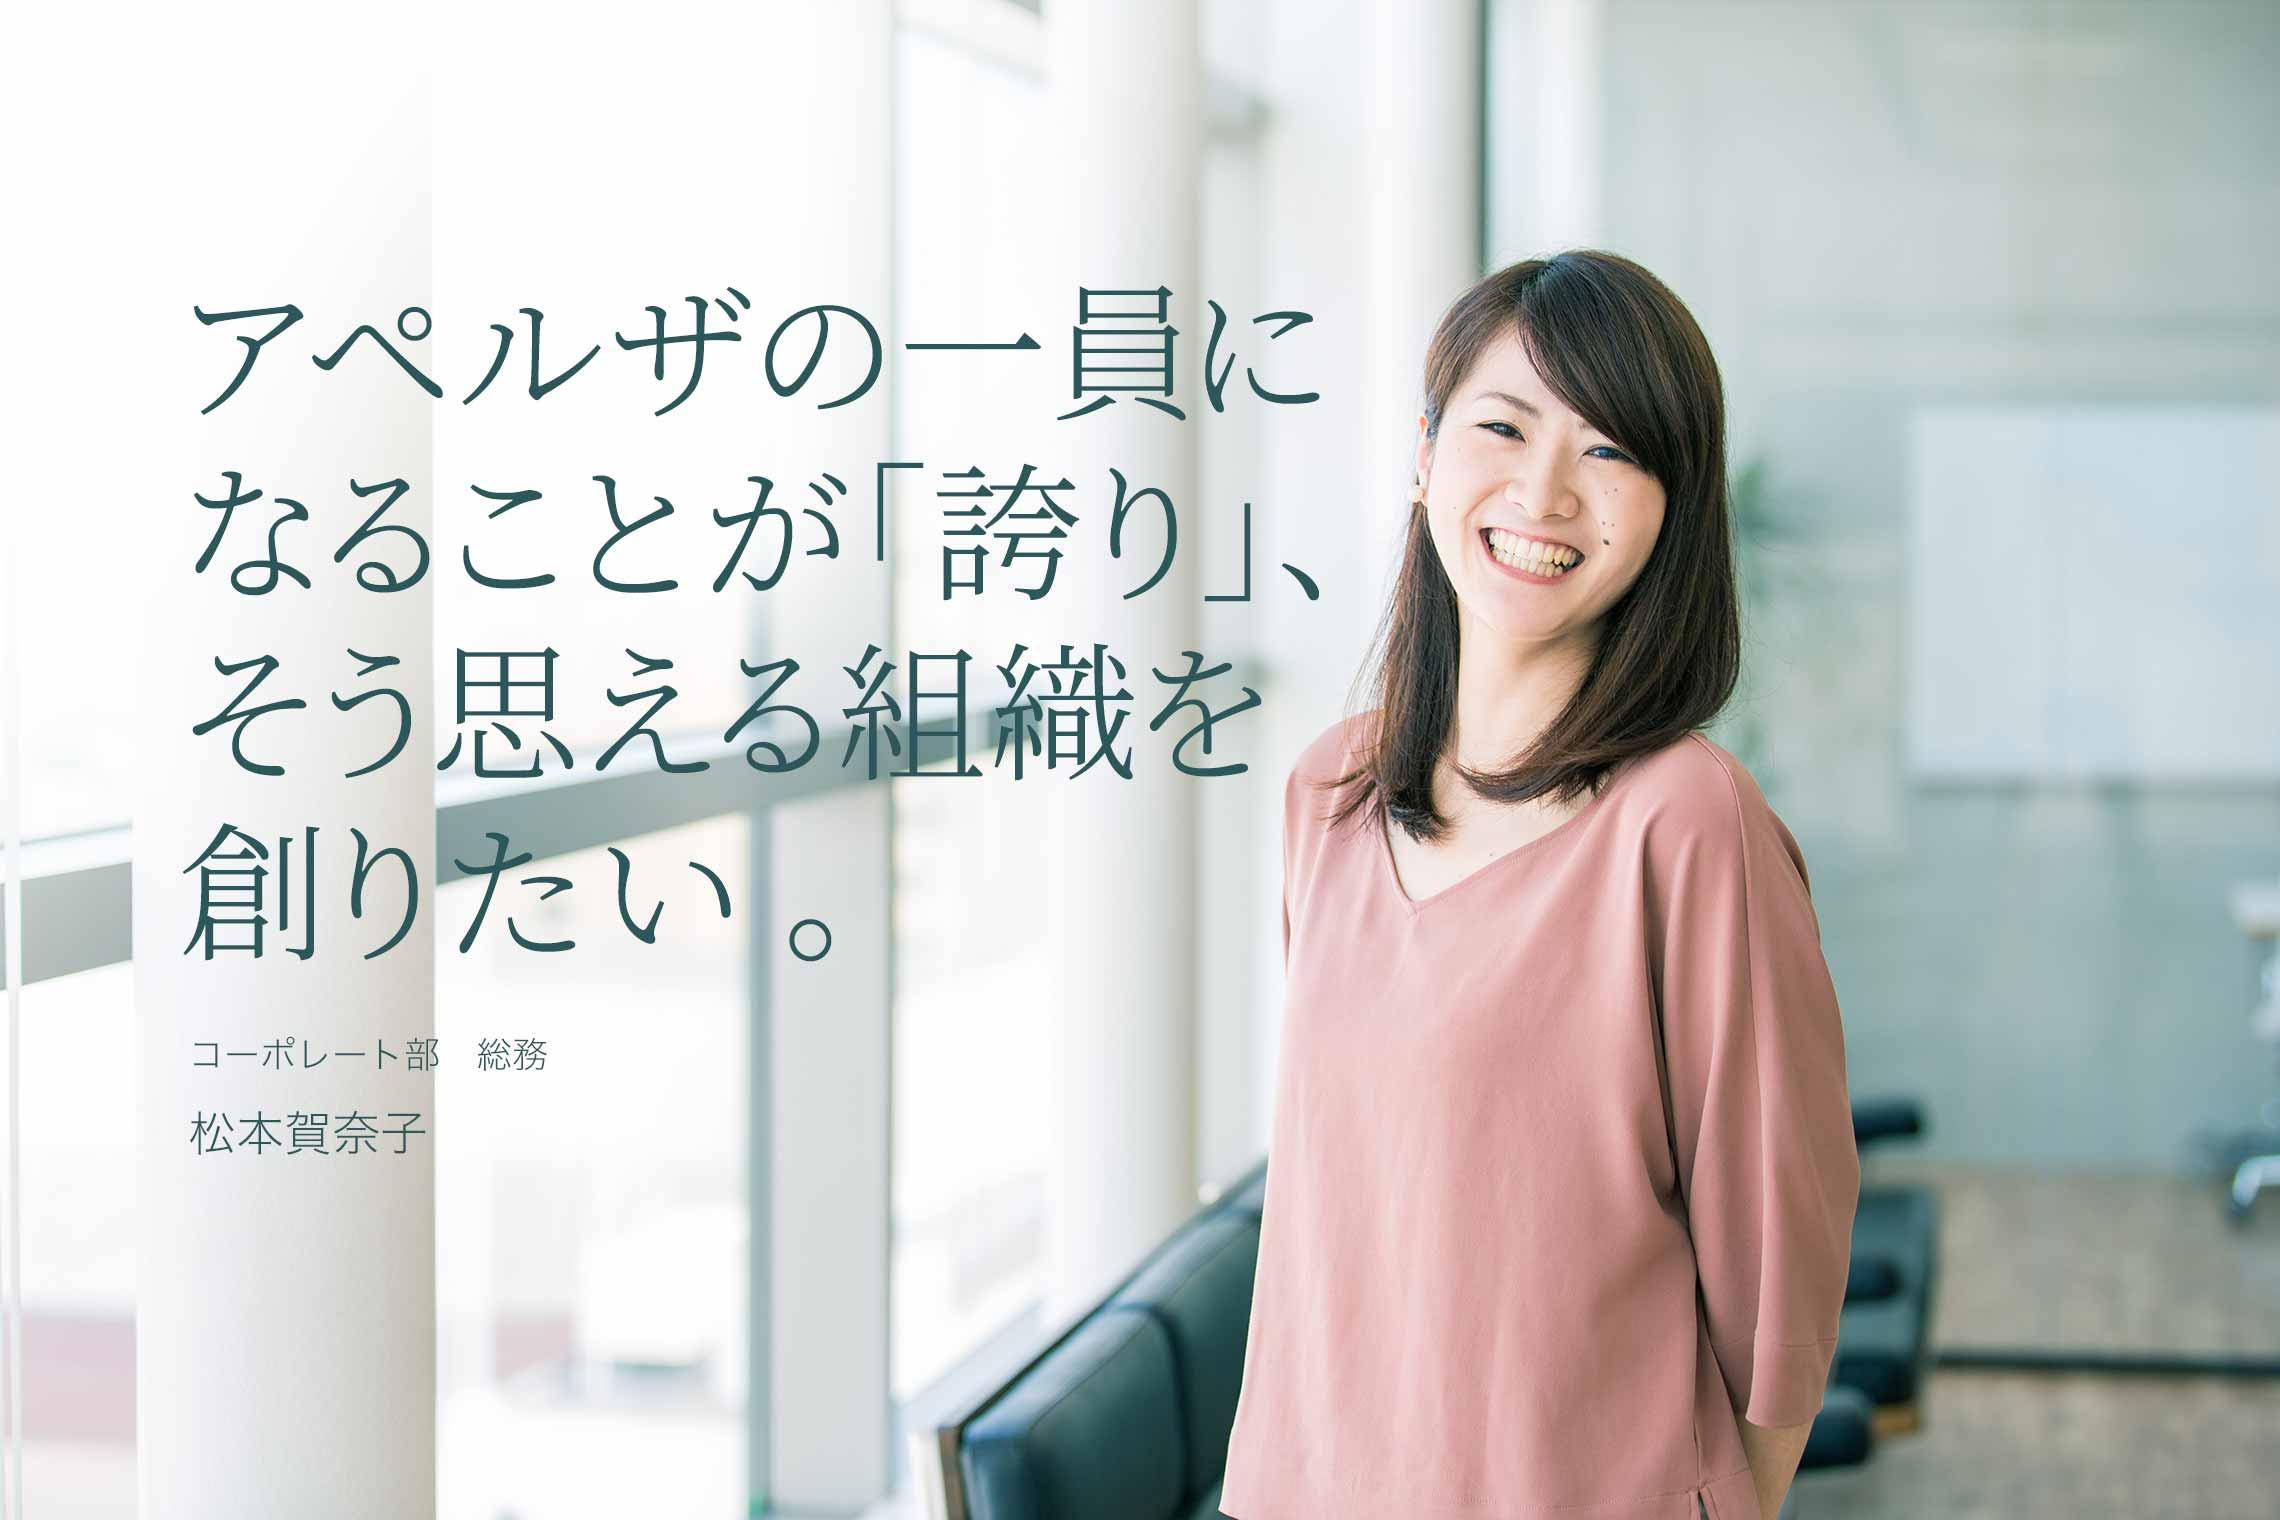 アペルザの一員になることが「誇り」、そう思える組織を創りたい。 コーポレート部 総務  松本賀奈子